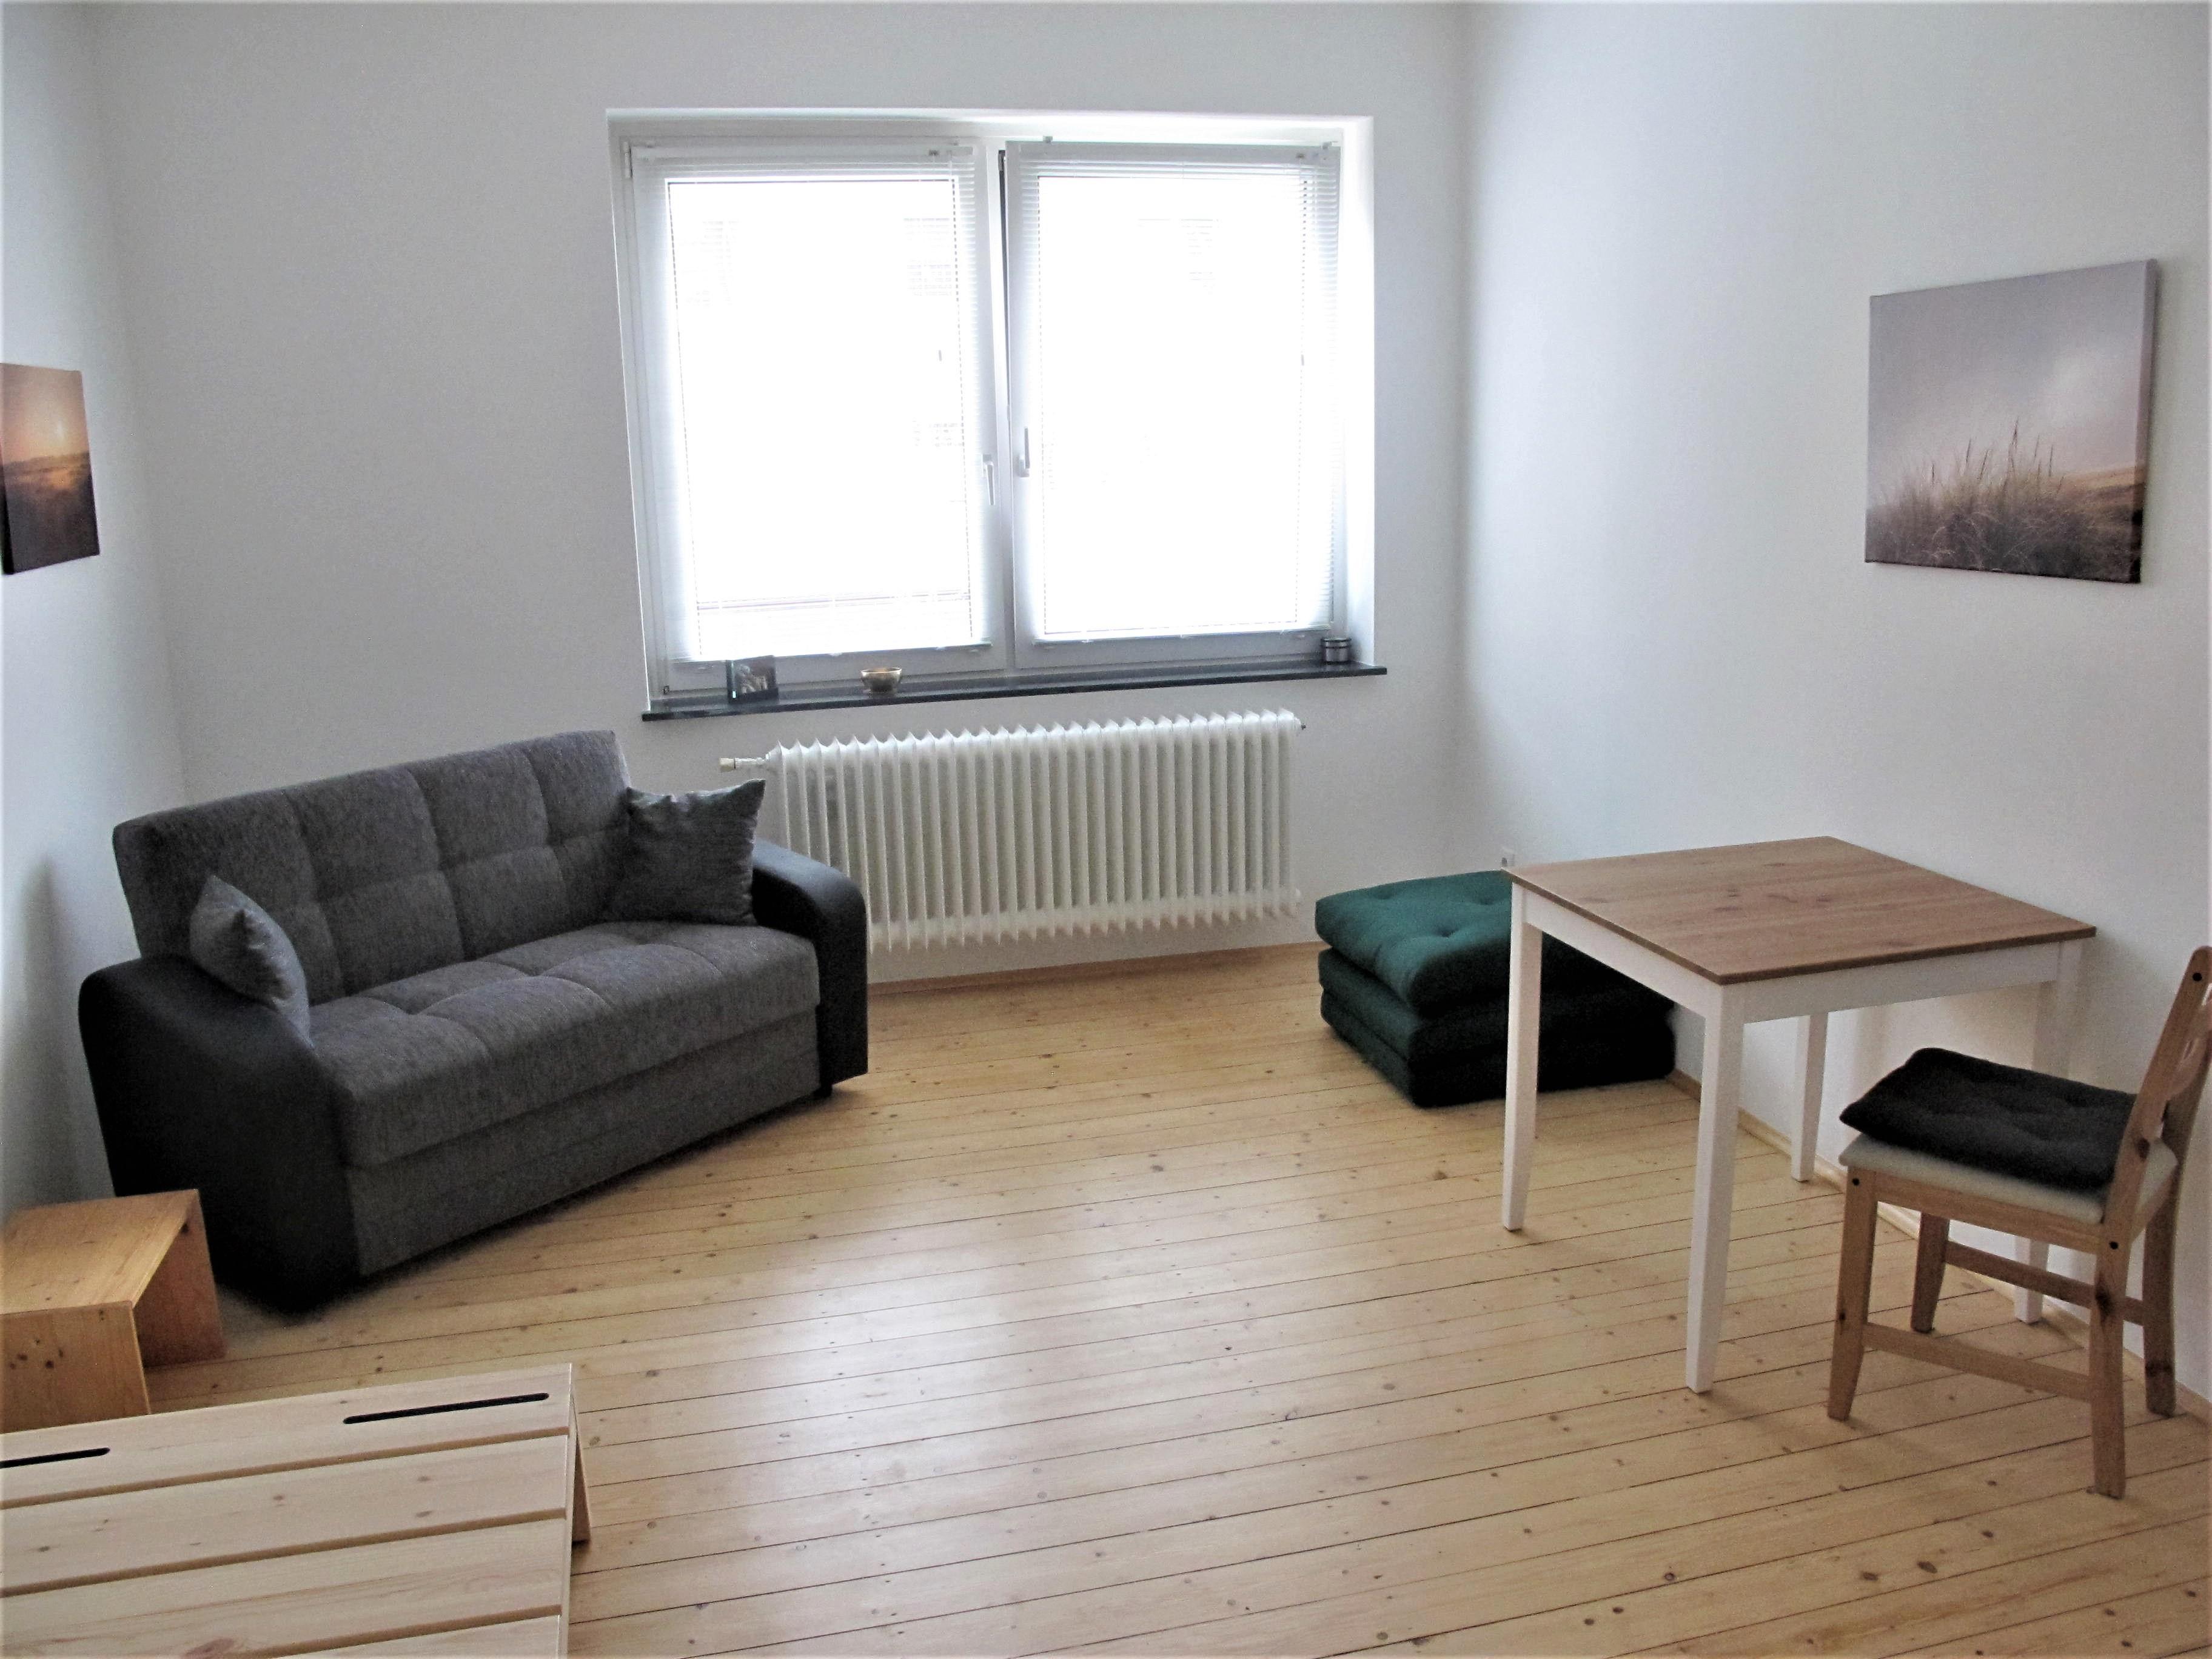 Wohnschlafraum Mit Futonpodest, Sofa, Kleine Klappmatratze, Tisch, Stuhl